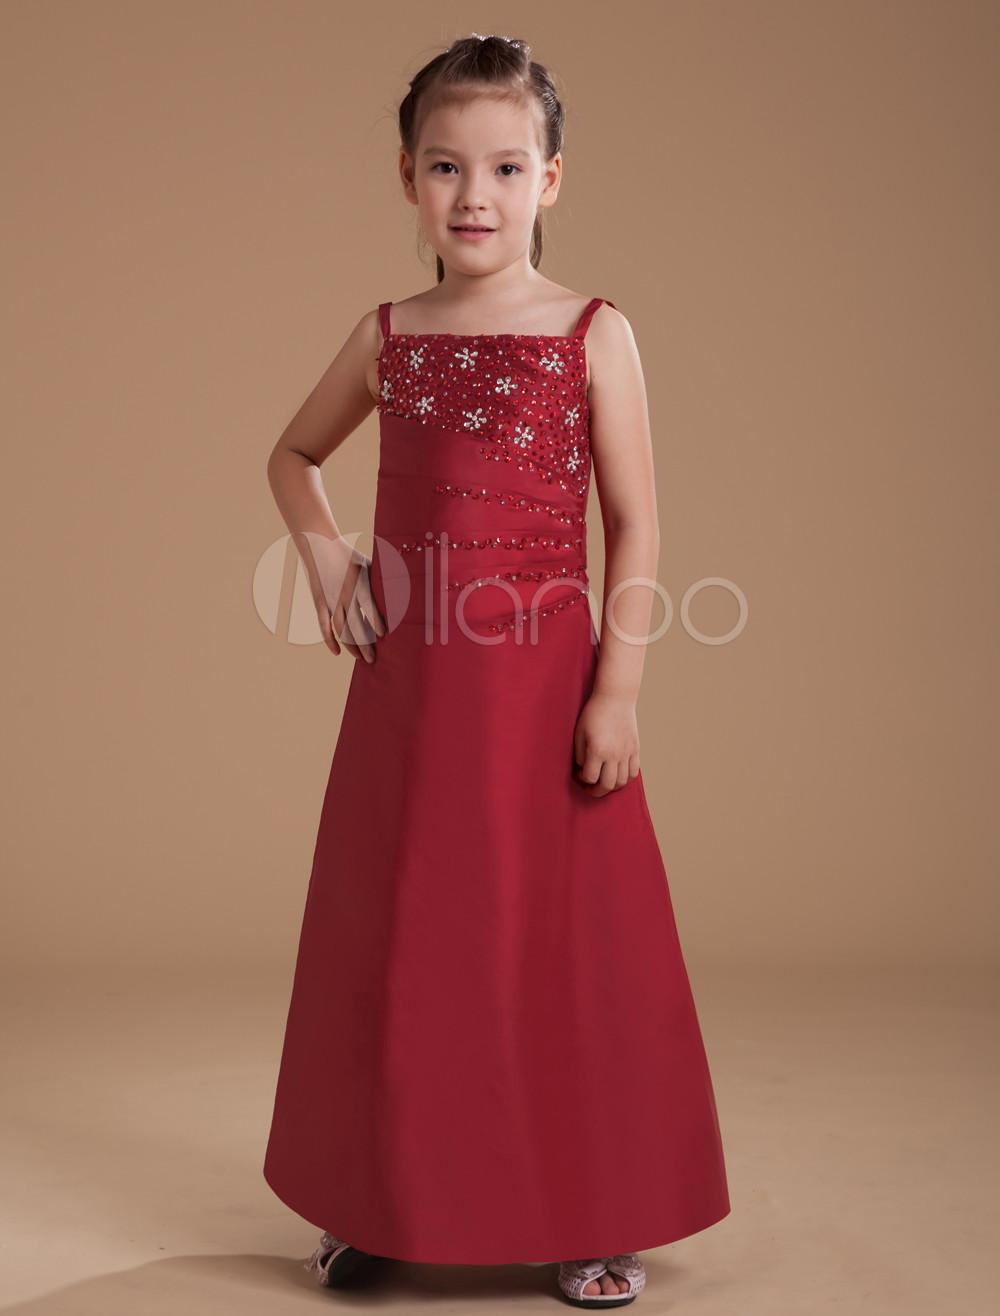 2417b6cde ... A-line Burgundy Taffeta Junior Bridesmaid Dress with Spaghetti Straps  -No.8. 12. 32%OFF. Color:Ruby